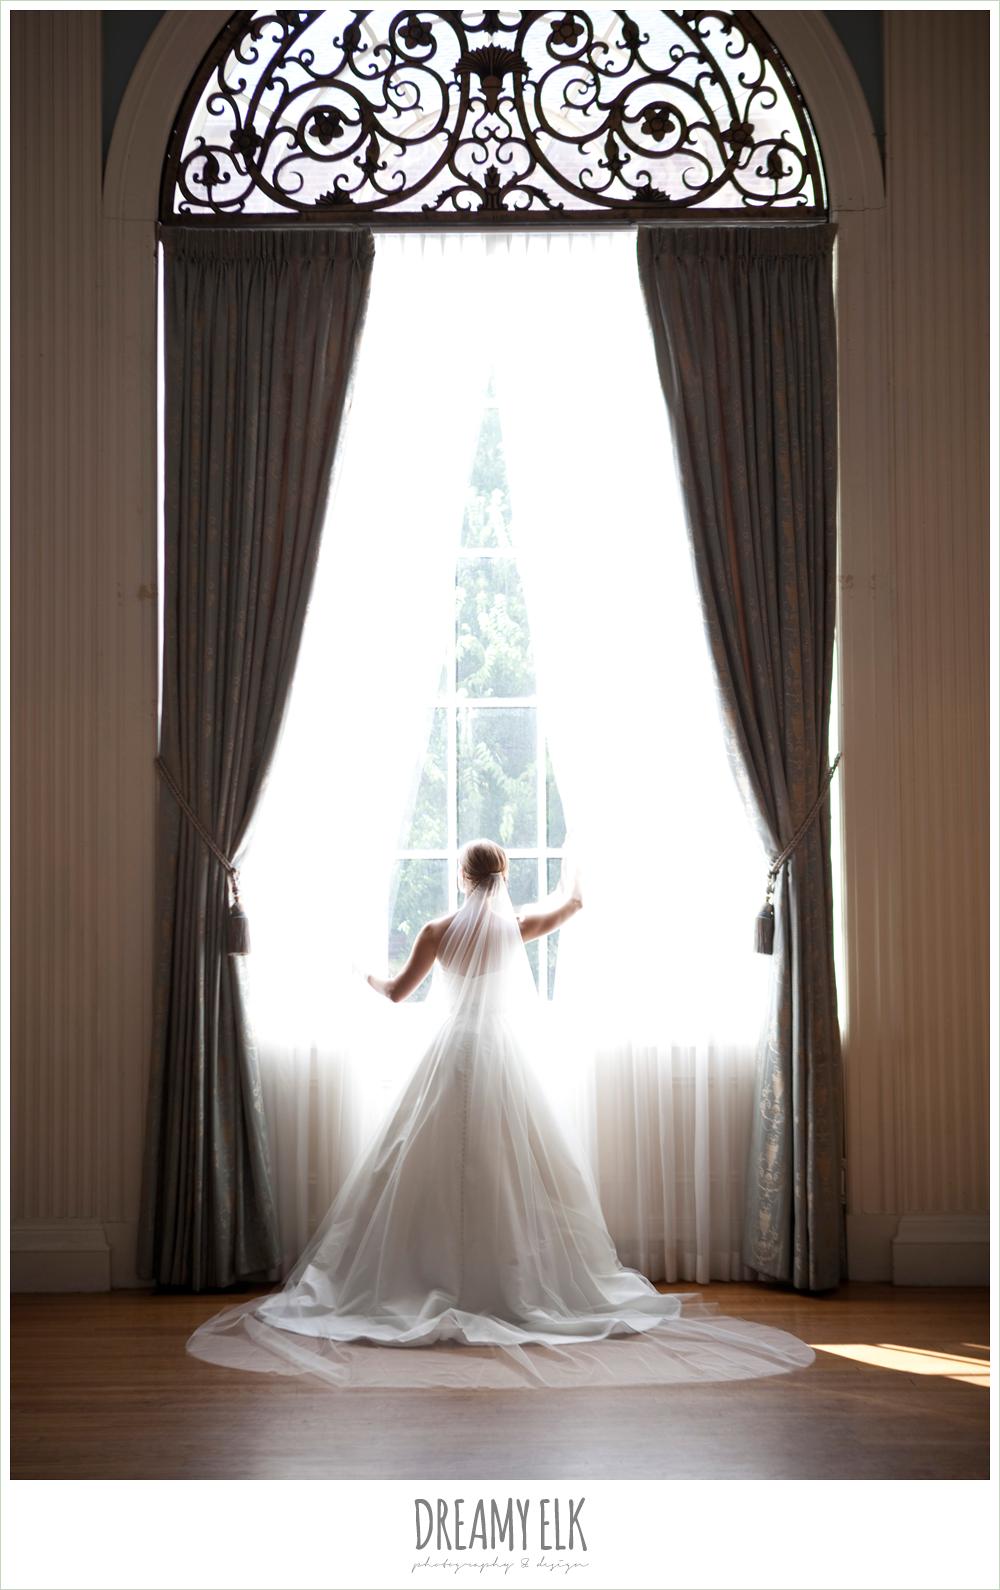 bride standing in window, indoor bridal photo, dreamy elk photography and design